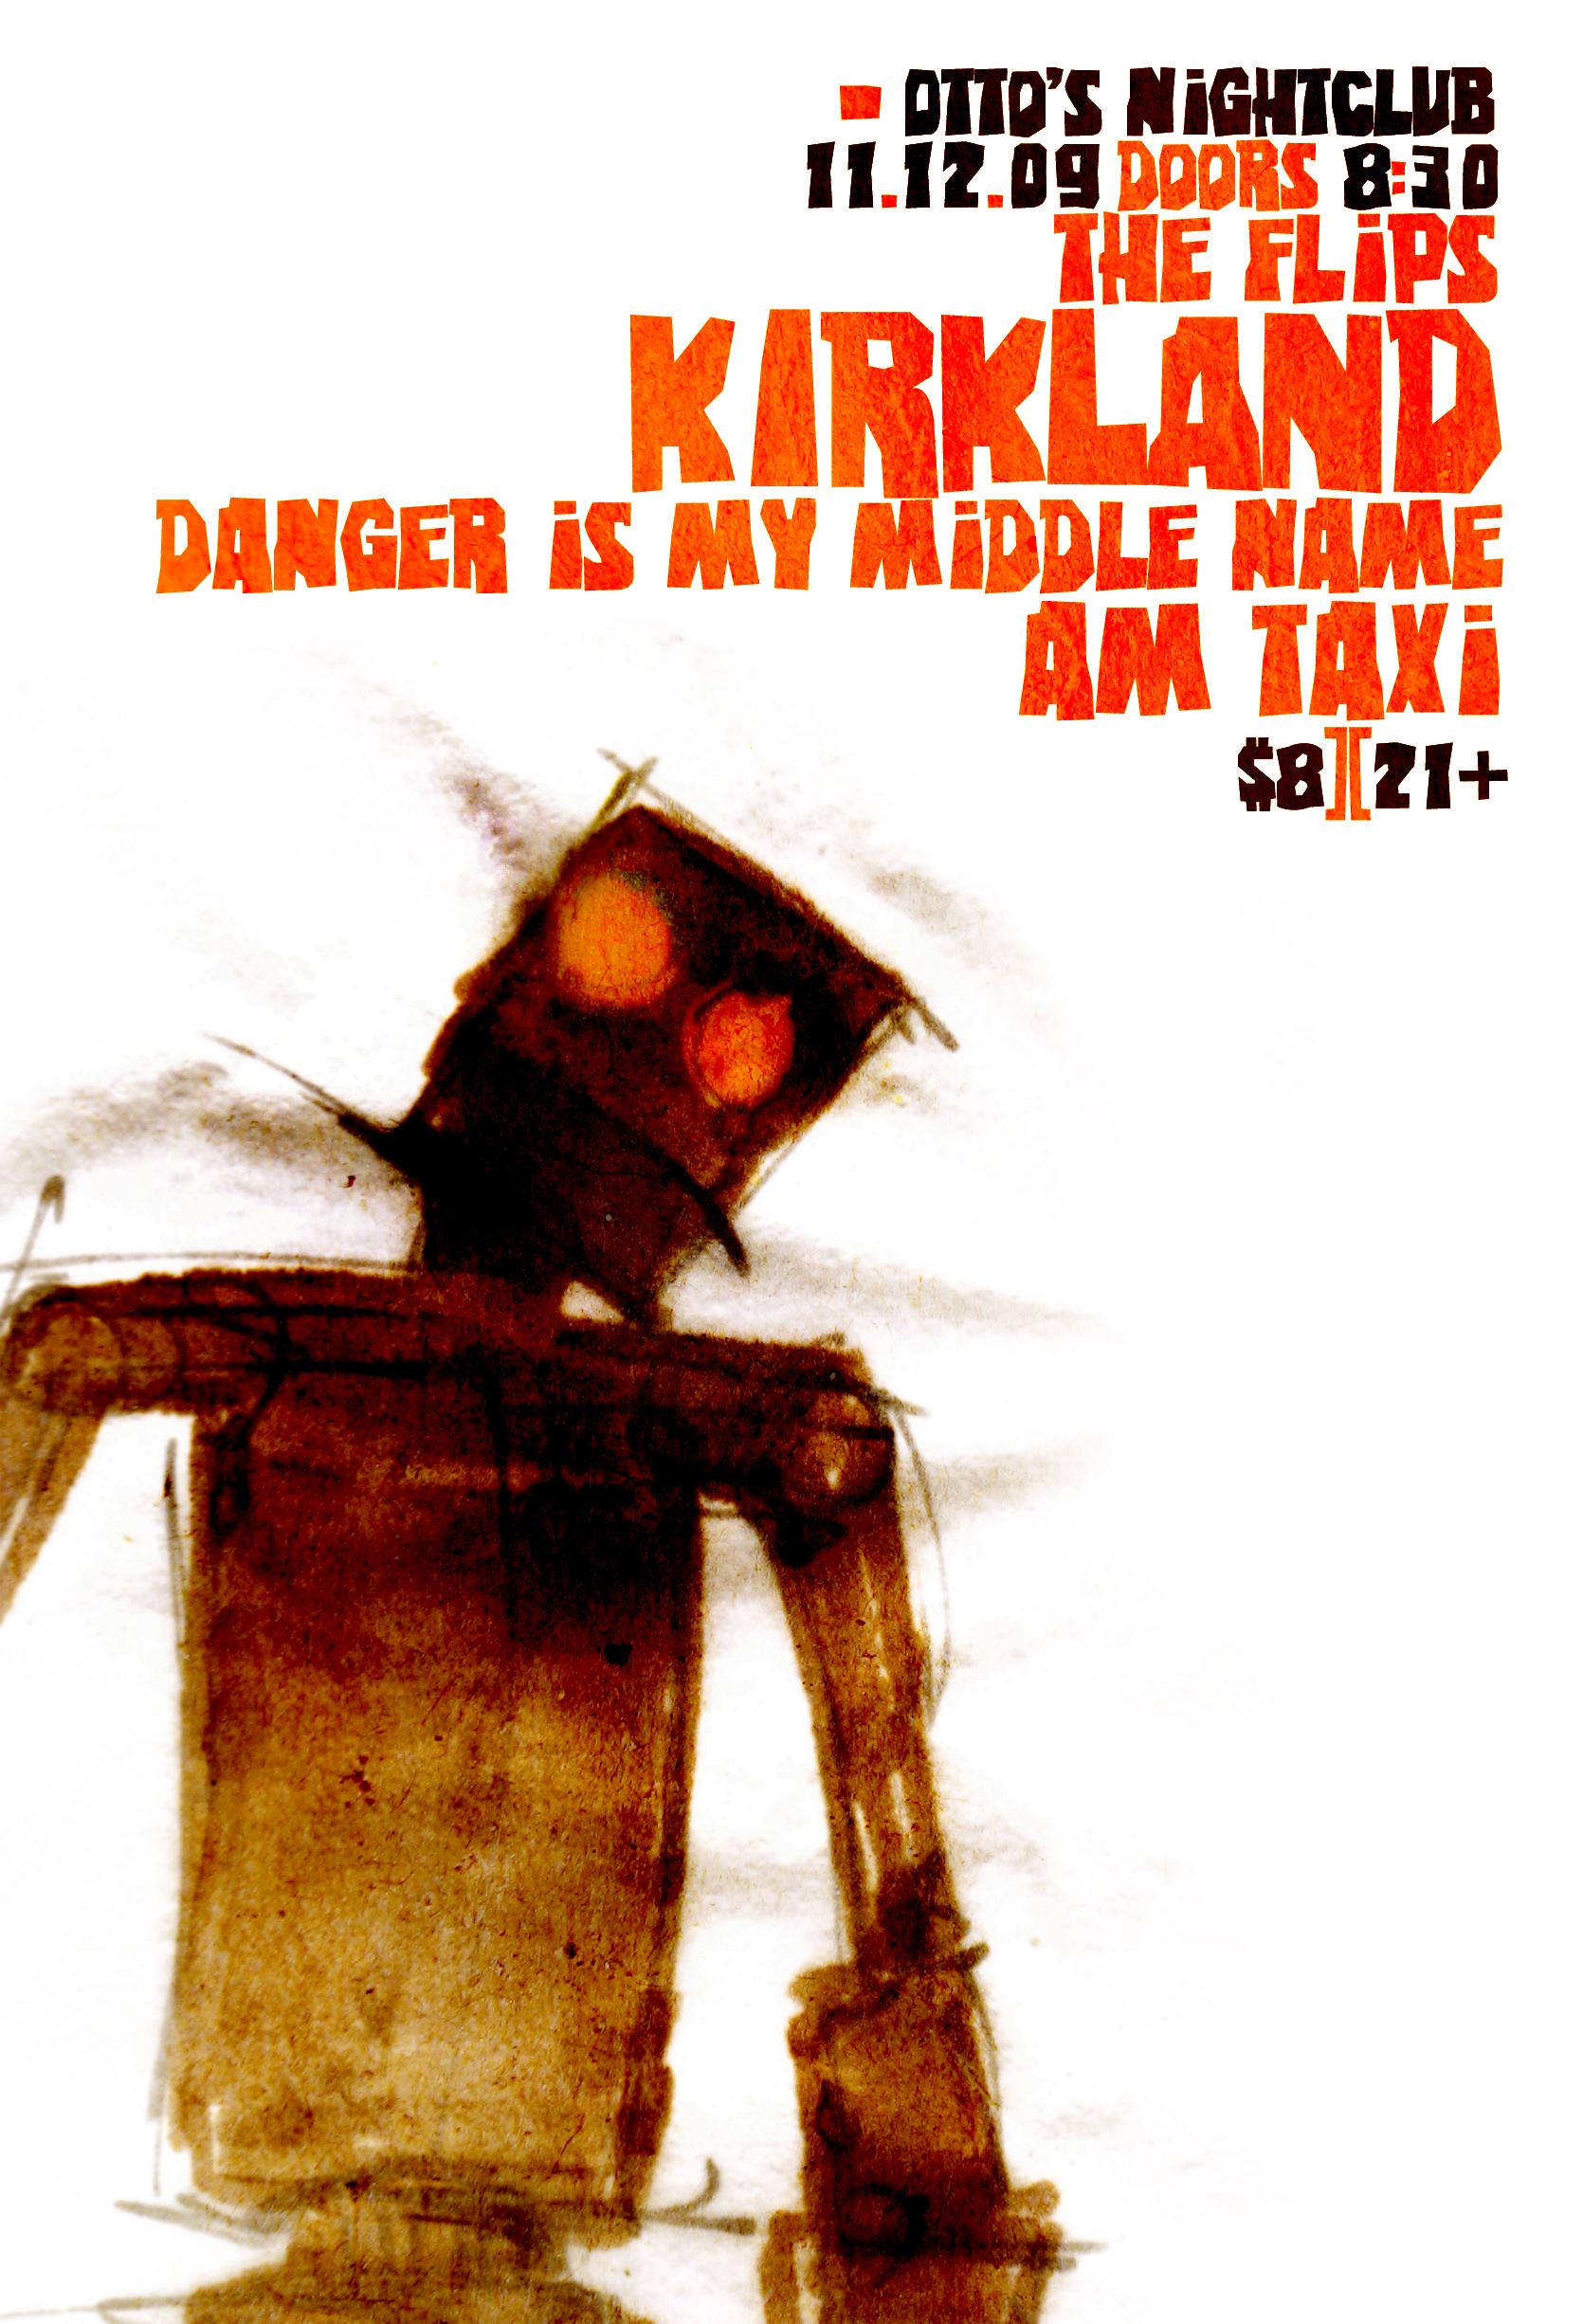 kirkland poster2.jpg